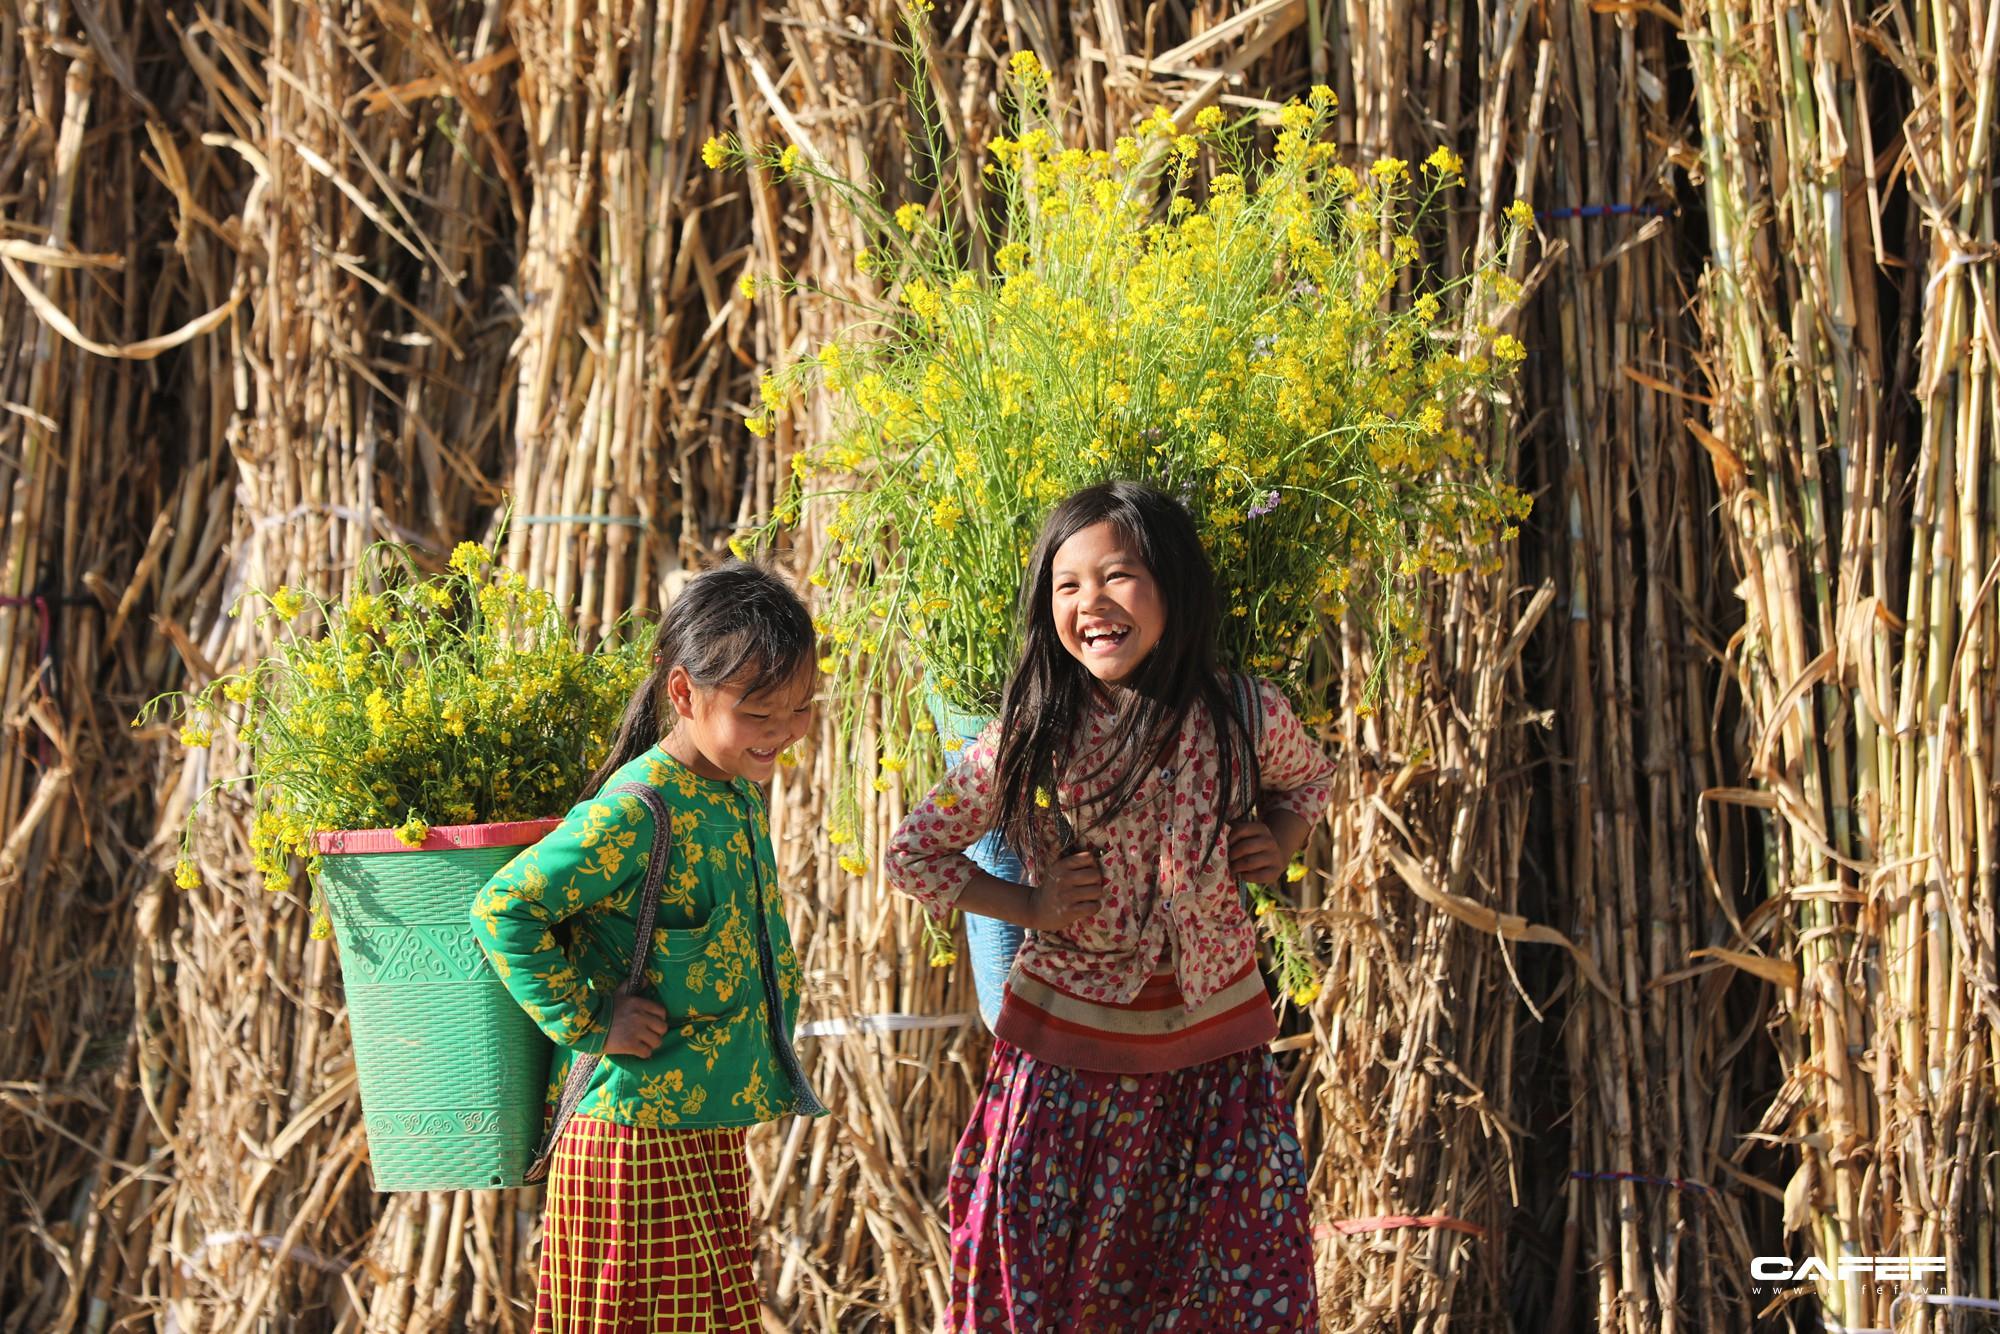 Đến Hà Giang mùa xuân, ngẩn ngơ xem đá nở hoa - Ảnh 11.